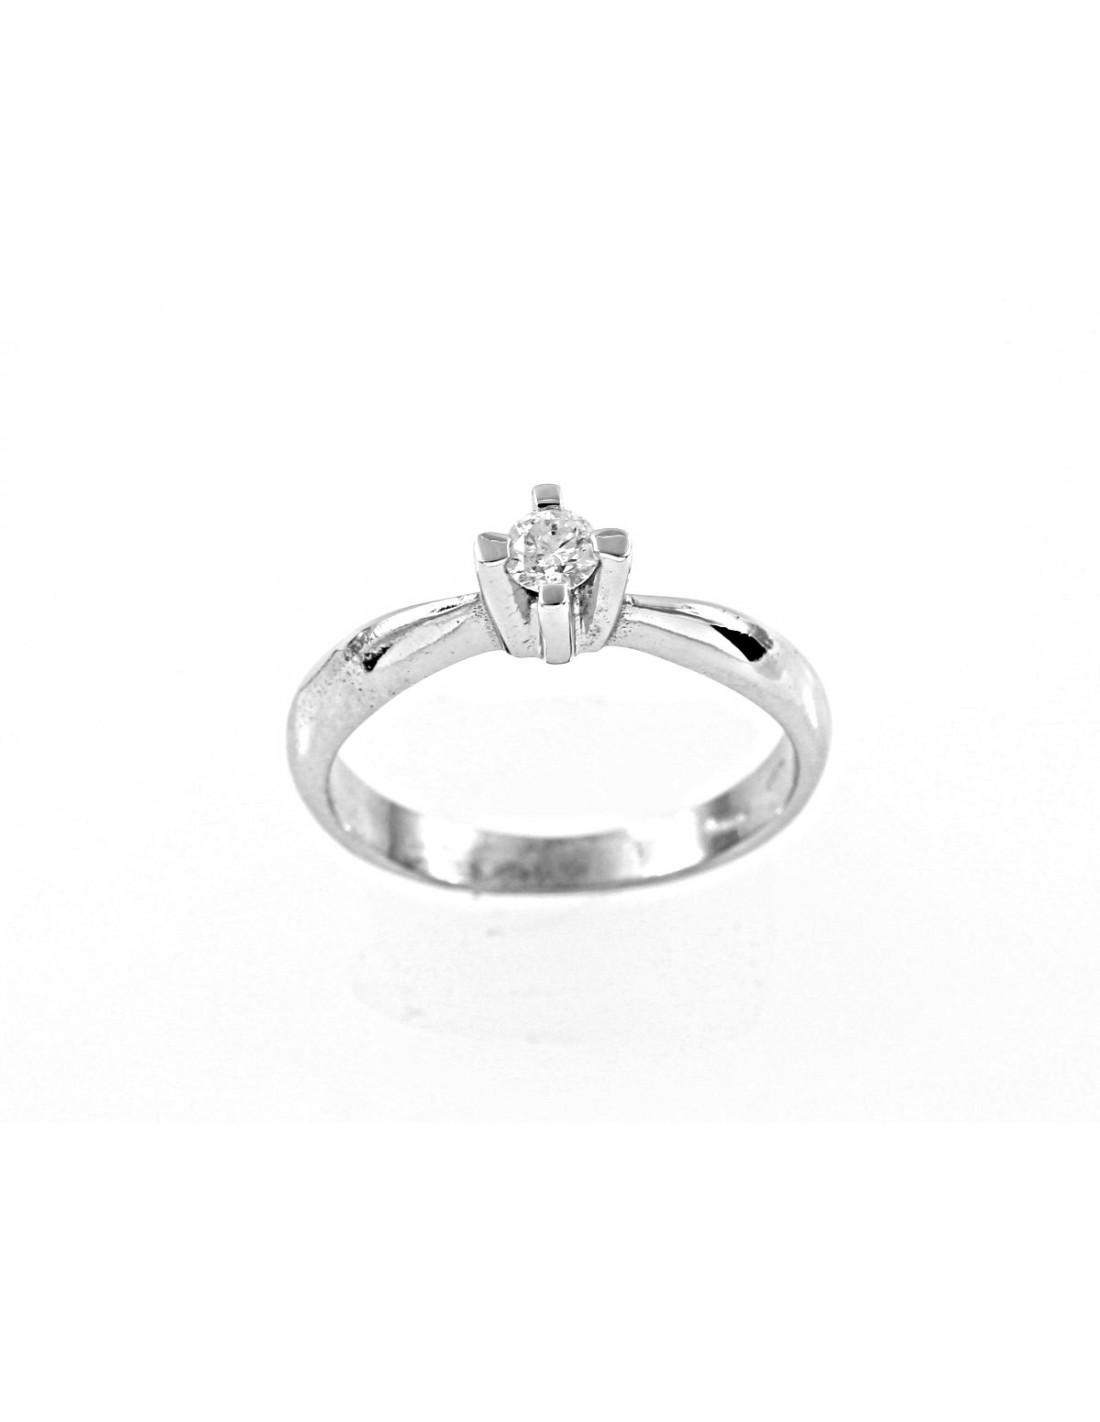 ad8474abc8b7 anillo de diamante solitario VENEZIAkt. 0.16 Opera Italiana Jewellery